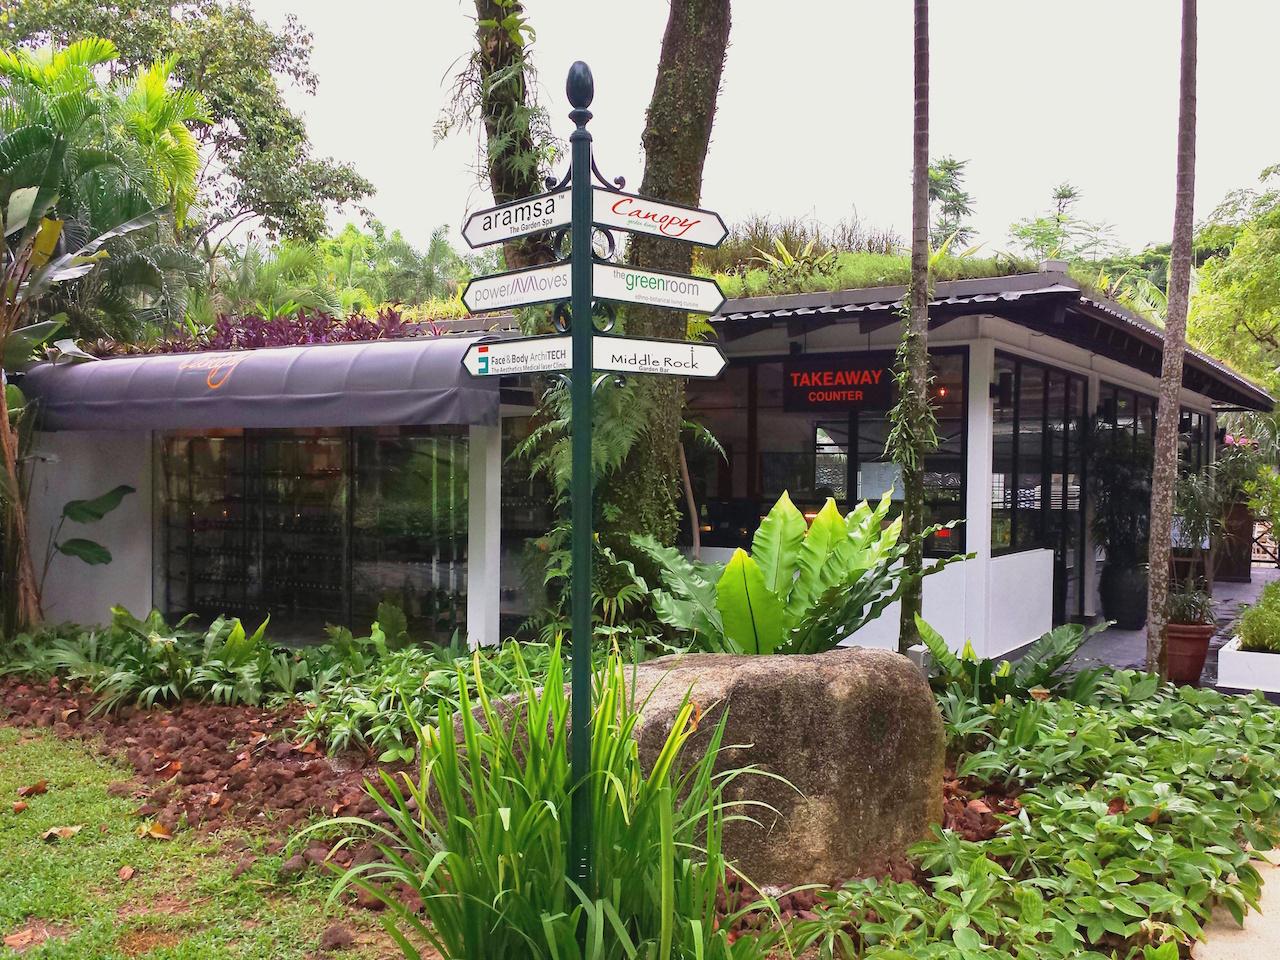 & Canopy Garden Dining | 1382 Ang Mo Kio Ave 1 | Singapore